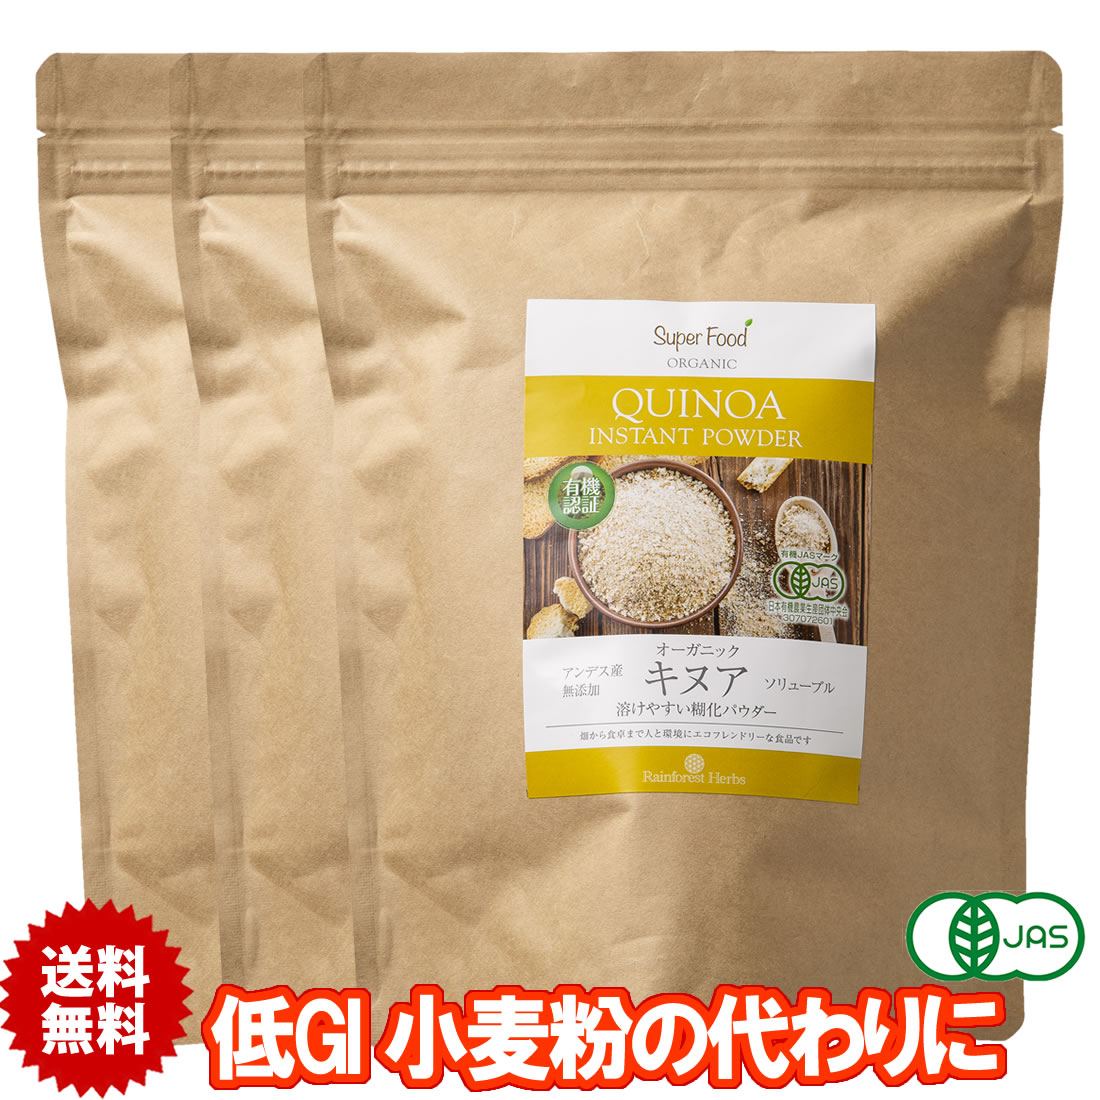 必須アミノ酸を全て含む完全植物性タンパク質 小麦粉の代わりに 植物性プロテインとしても 有機キヌアパウダー キヌア粉 3袋 グルテンフリー ペルー産 500g 激安☆超特価 有機JASオーガニック 宅配便送料無料